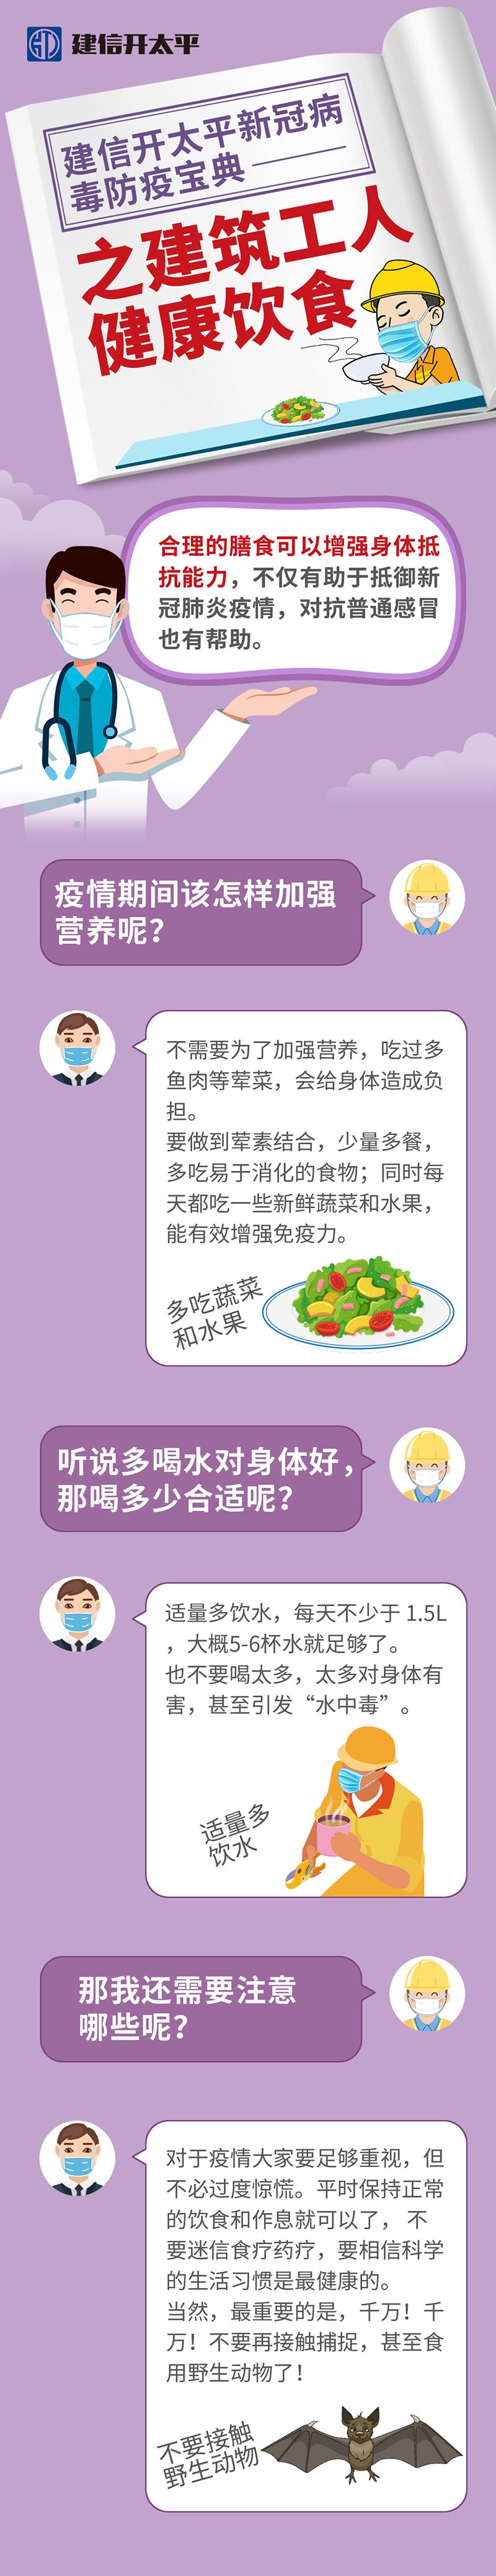 专题十二:建筑工人健康饮食.jpg